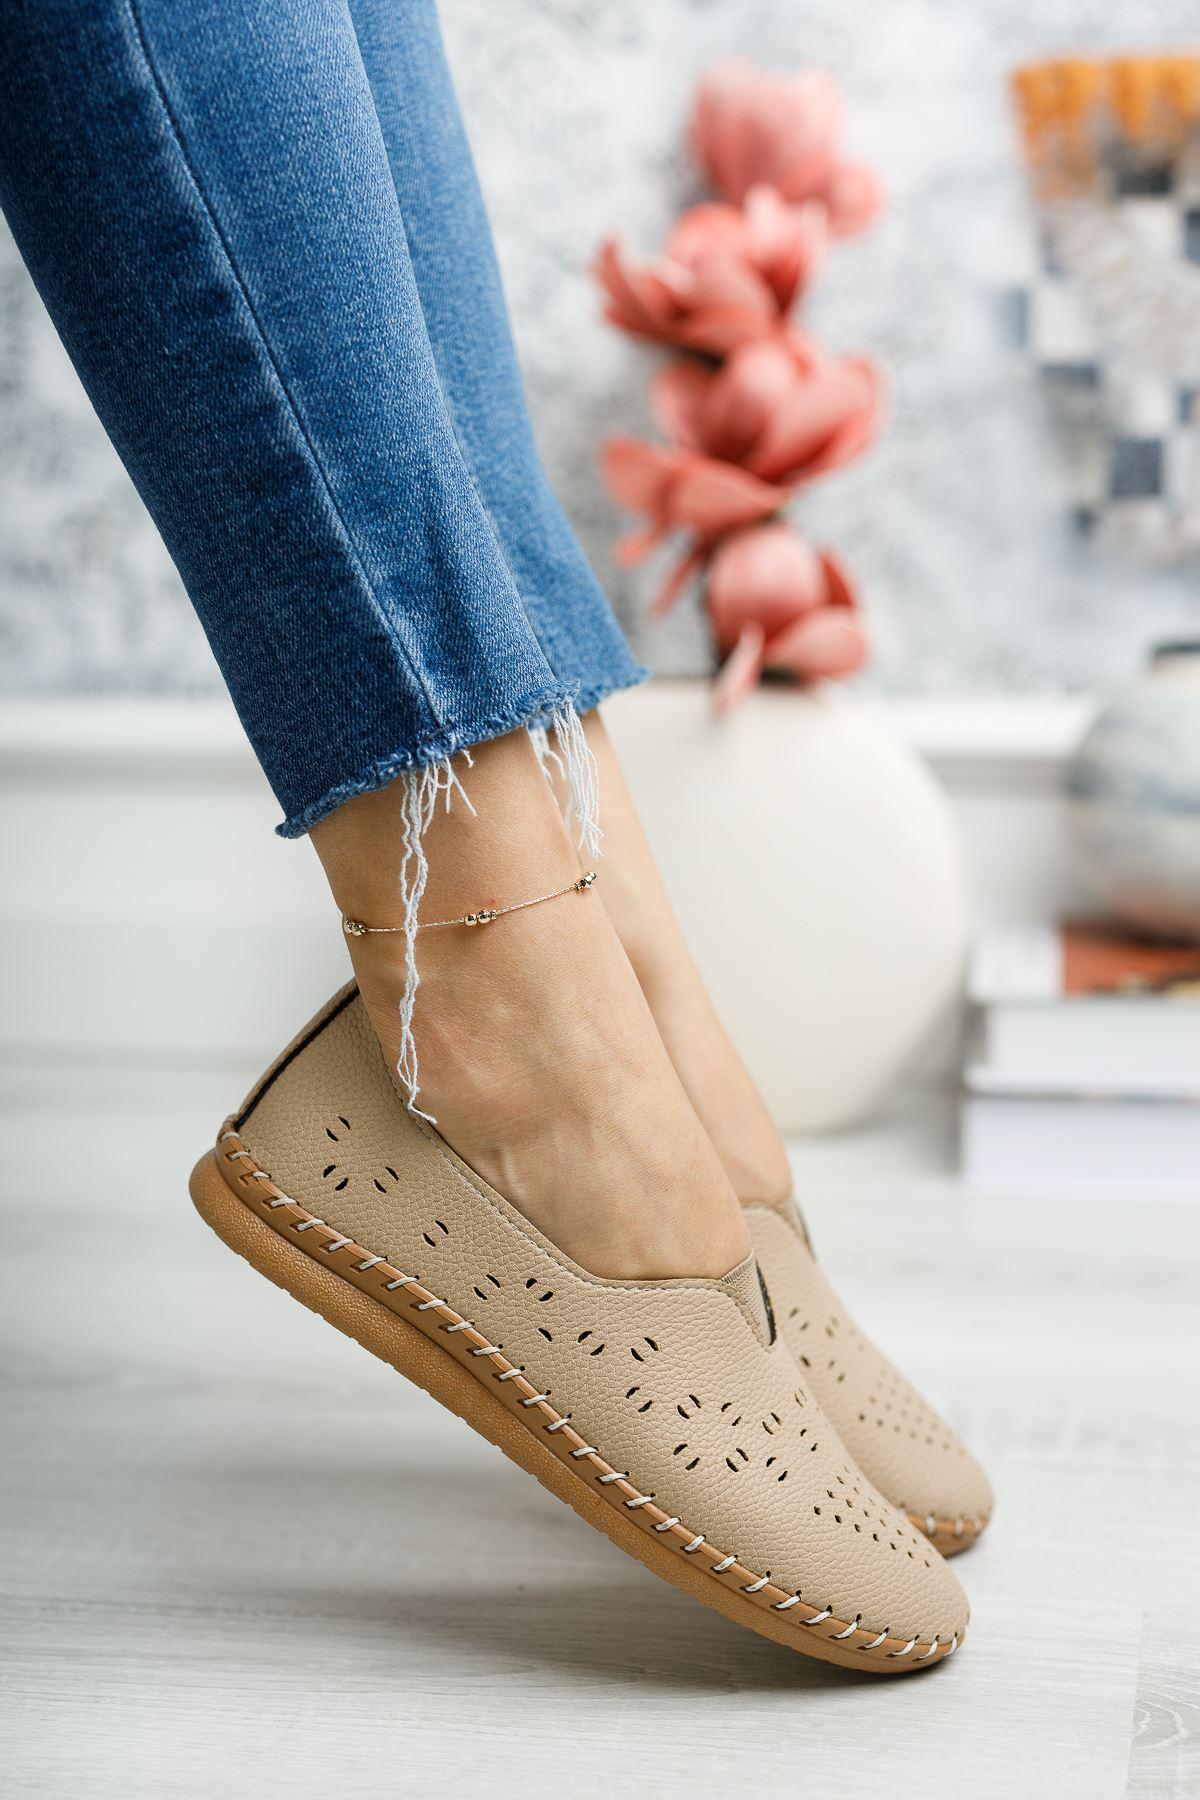 Ortapedik Pedli Bej Ayakkabı